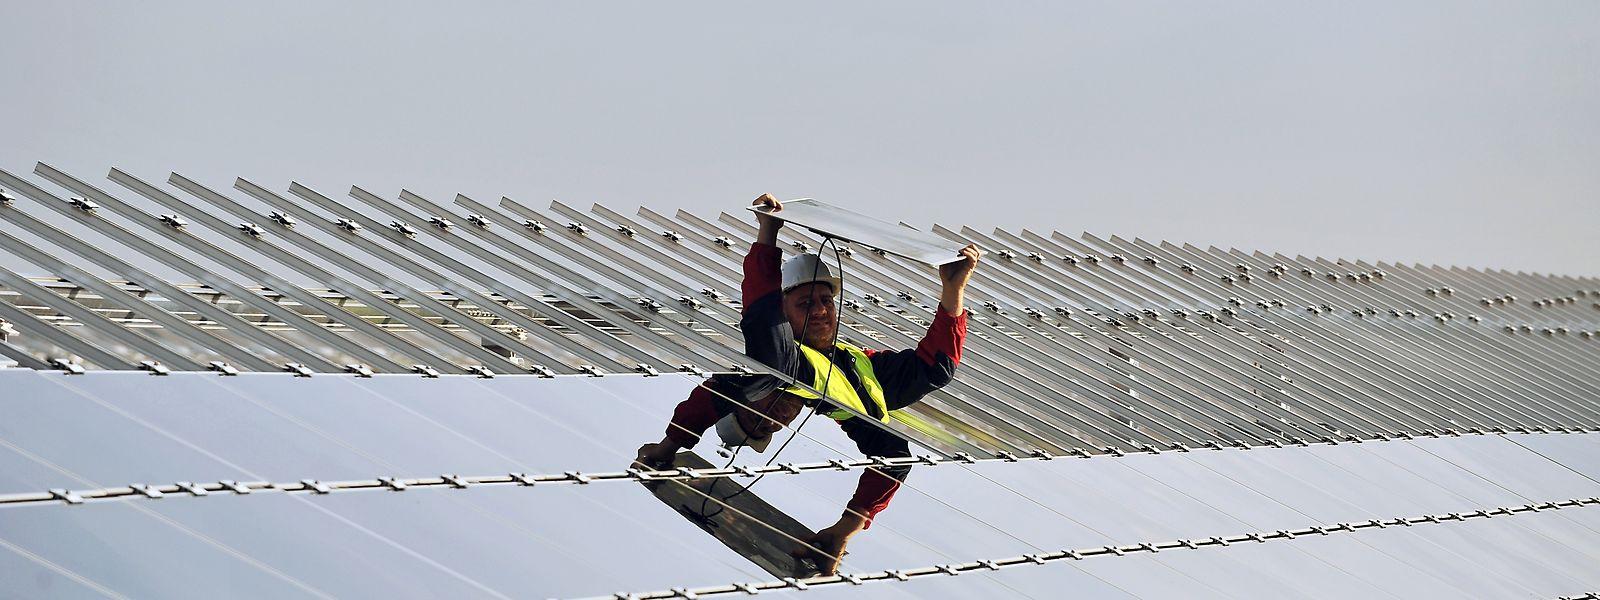 En tout, le Luxembourg compte 8.361 sites de production photovoltaïque en service.